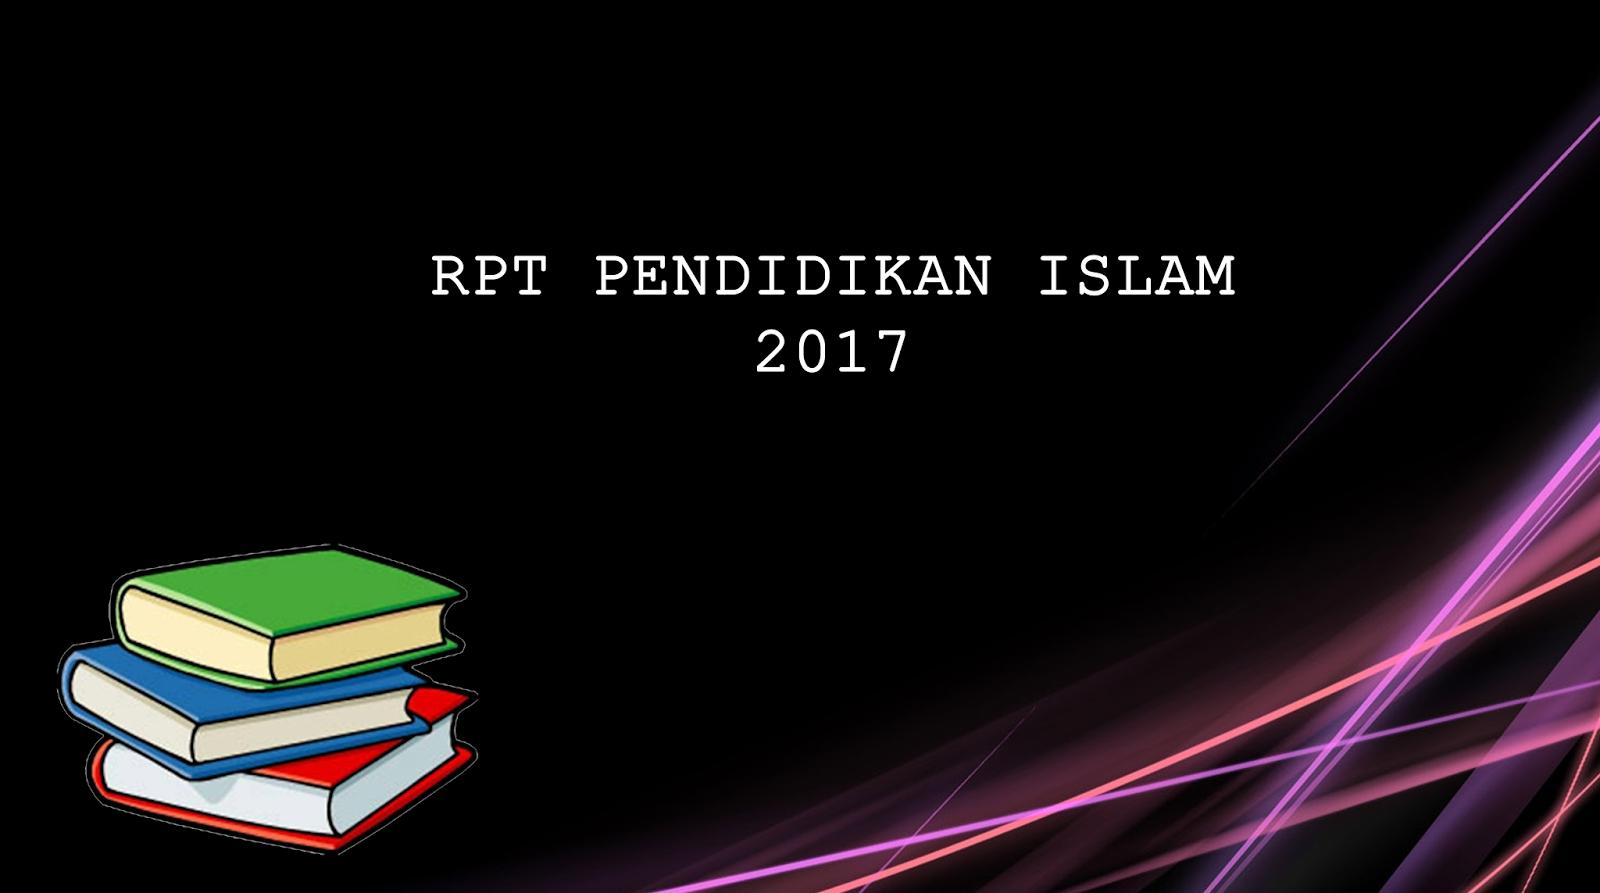 Rpt Pendidikan islam Tahun 6 Bernilai Blog J Qaf Sk Parit Haji Taib Rpt Pendidikan islam Kssr 2017 Of Download Rpt Pendidikan islam Tahun 6 Yang Menarik Khas Untuk Para Guru Cetakkan!